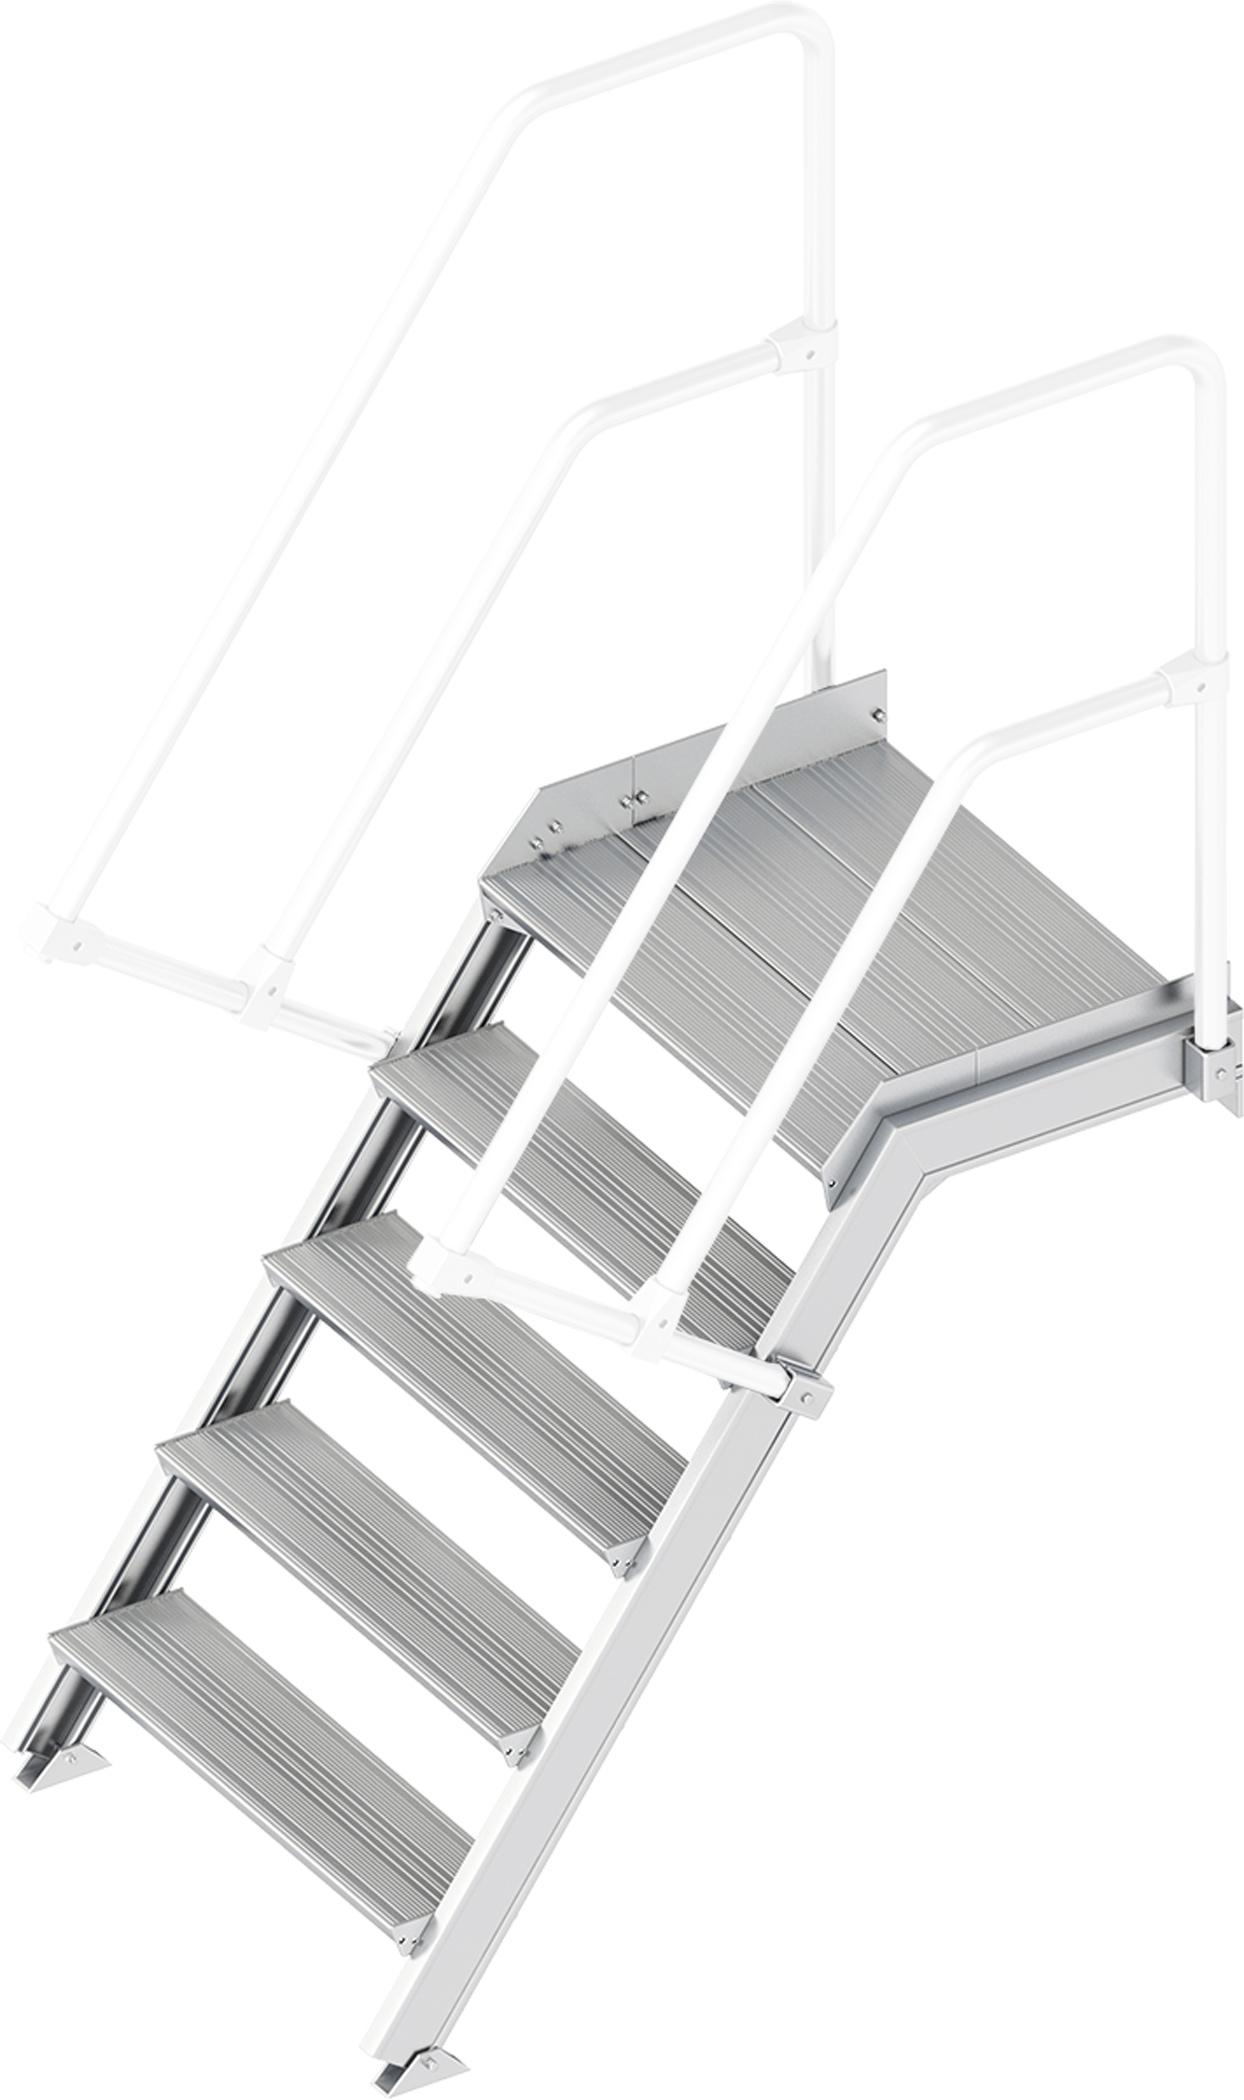 Layher Plattformtreppe 55° 5 Stufen - 800 mm breit